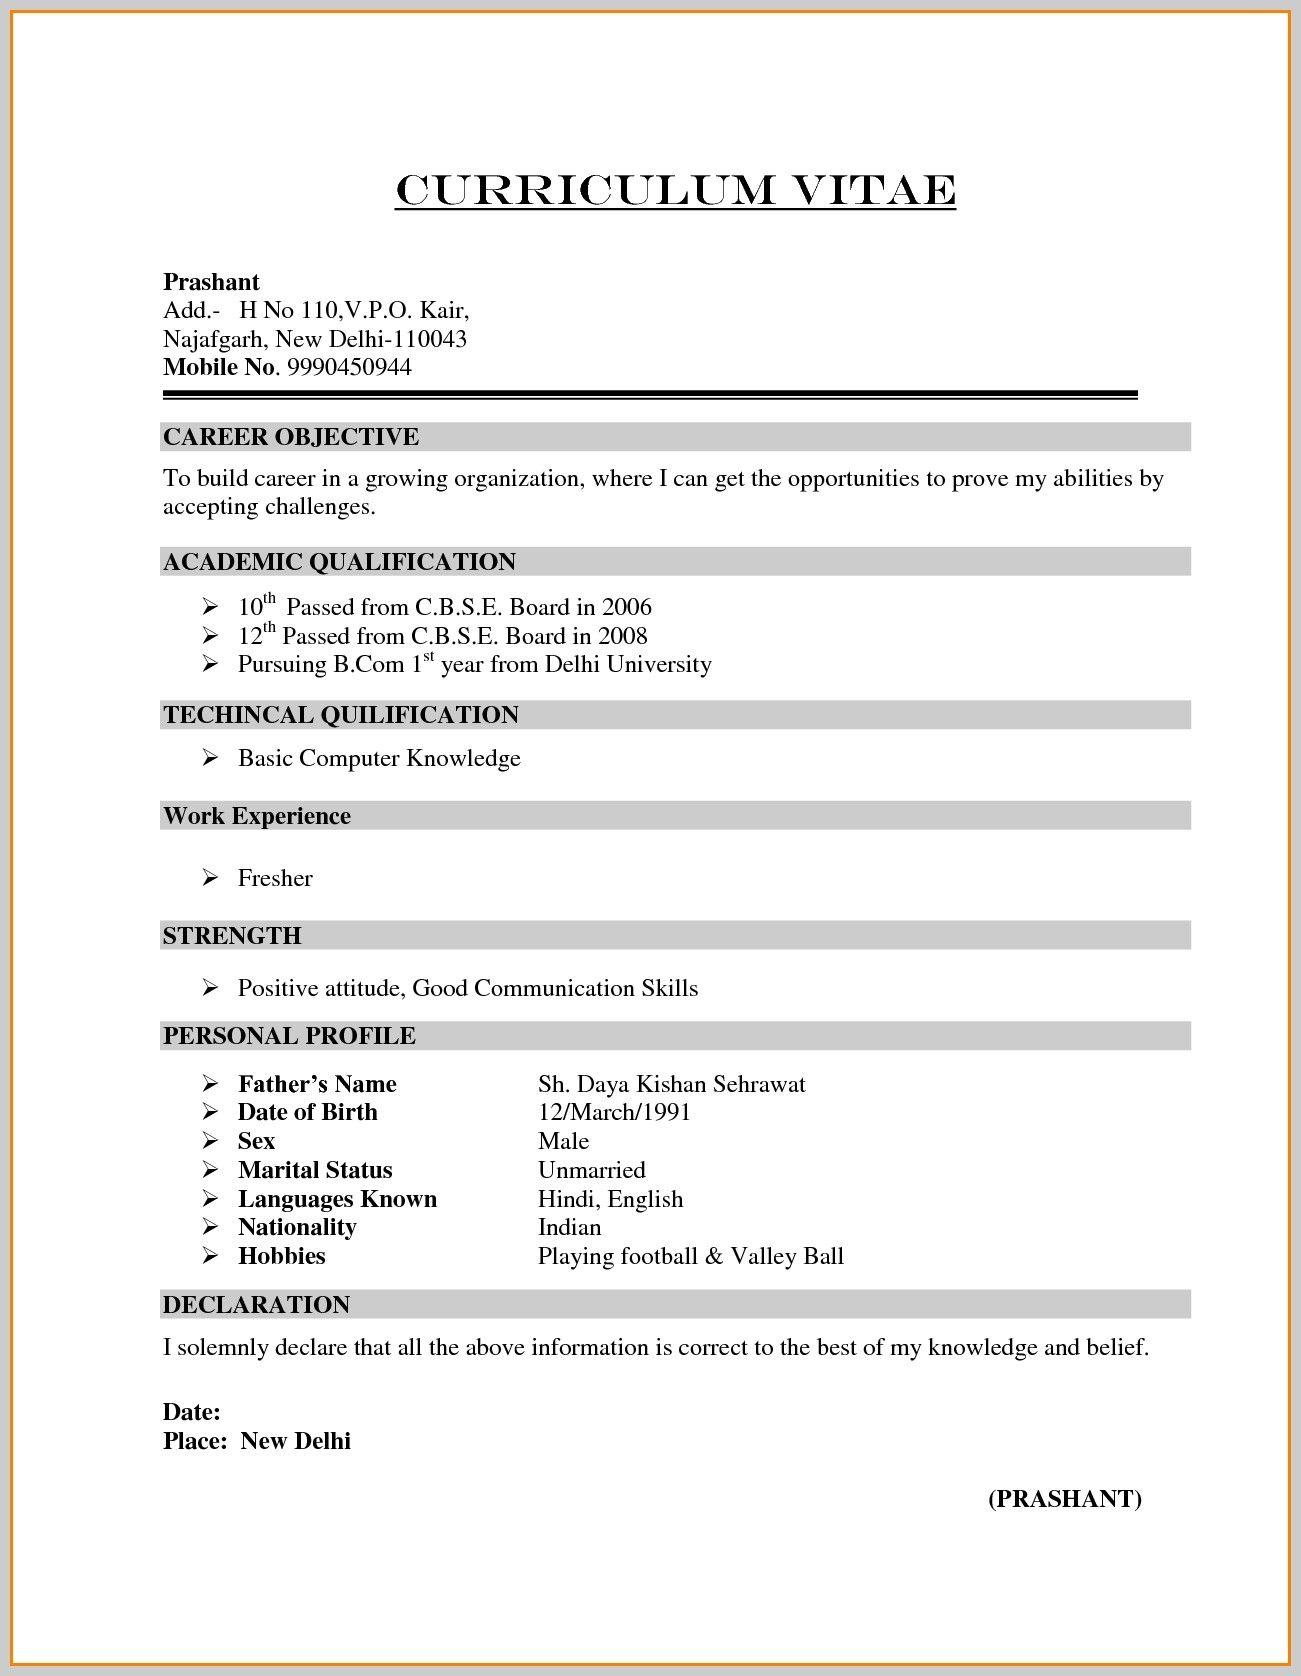 Resume Samples For Freshers Pdf